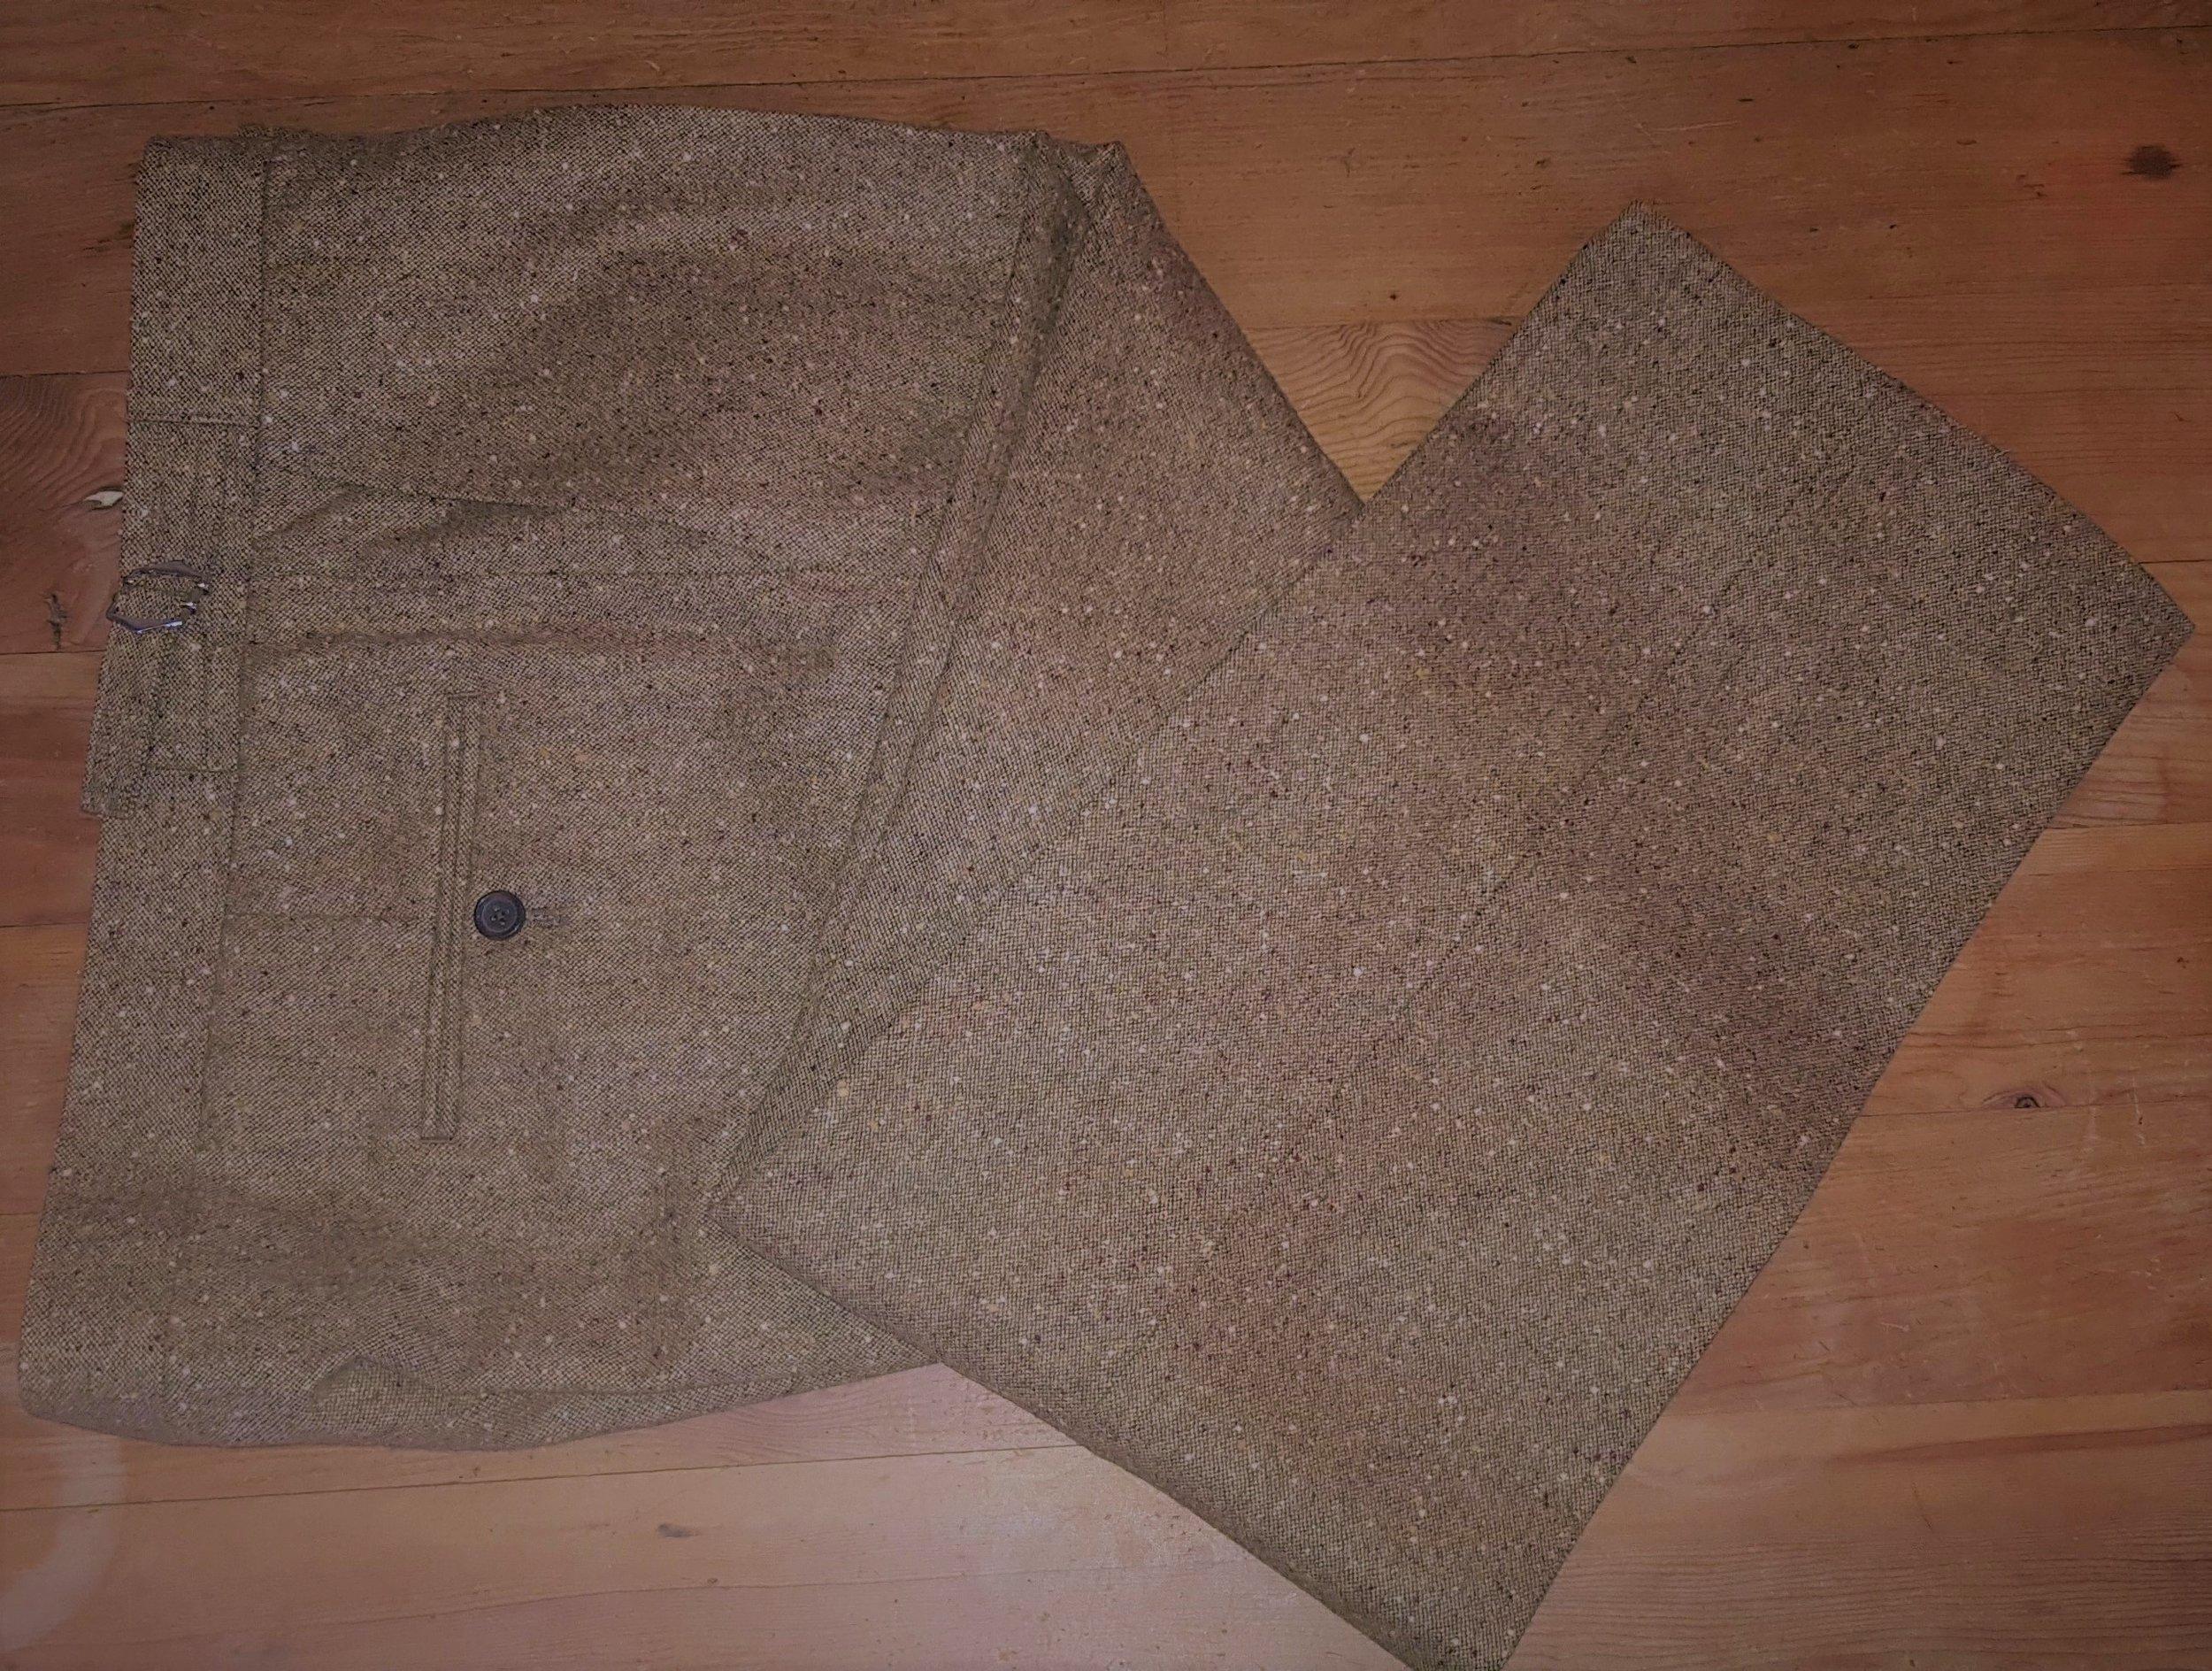 Brown Donegal 3 piece tweed suit (14).jpg